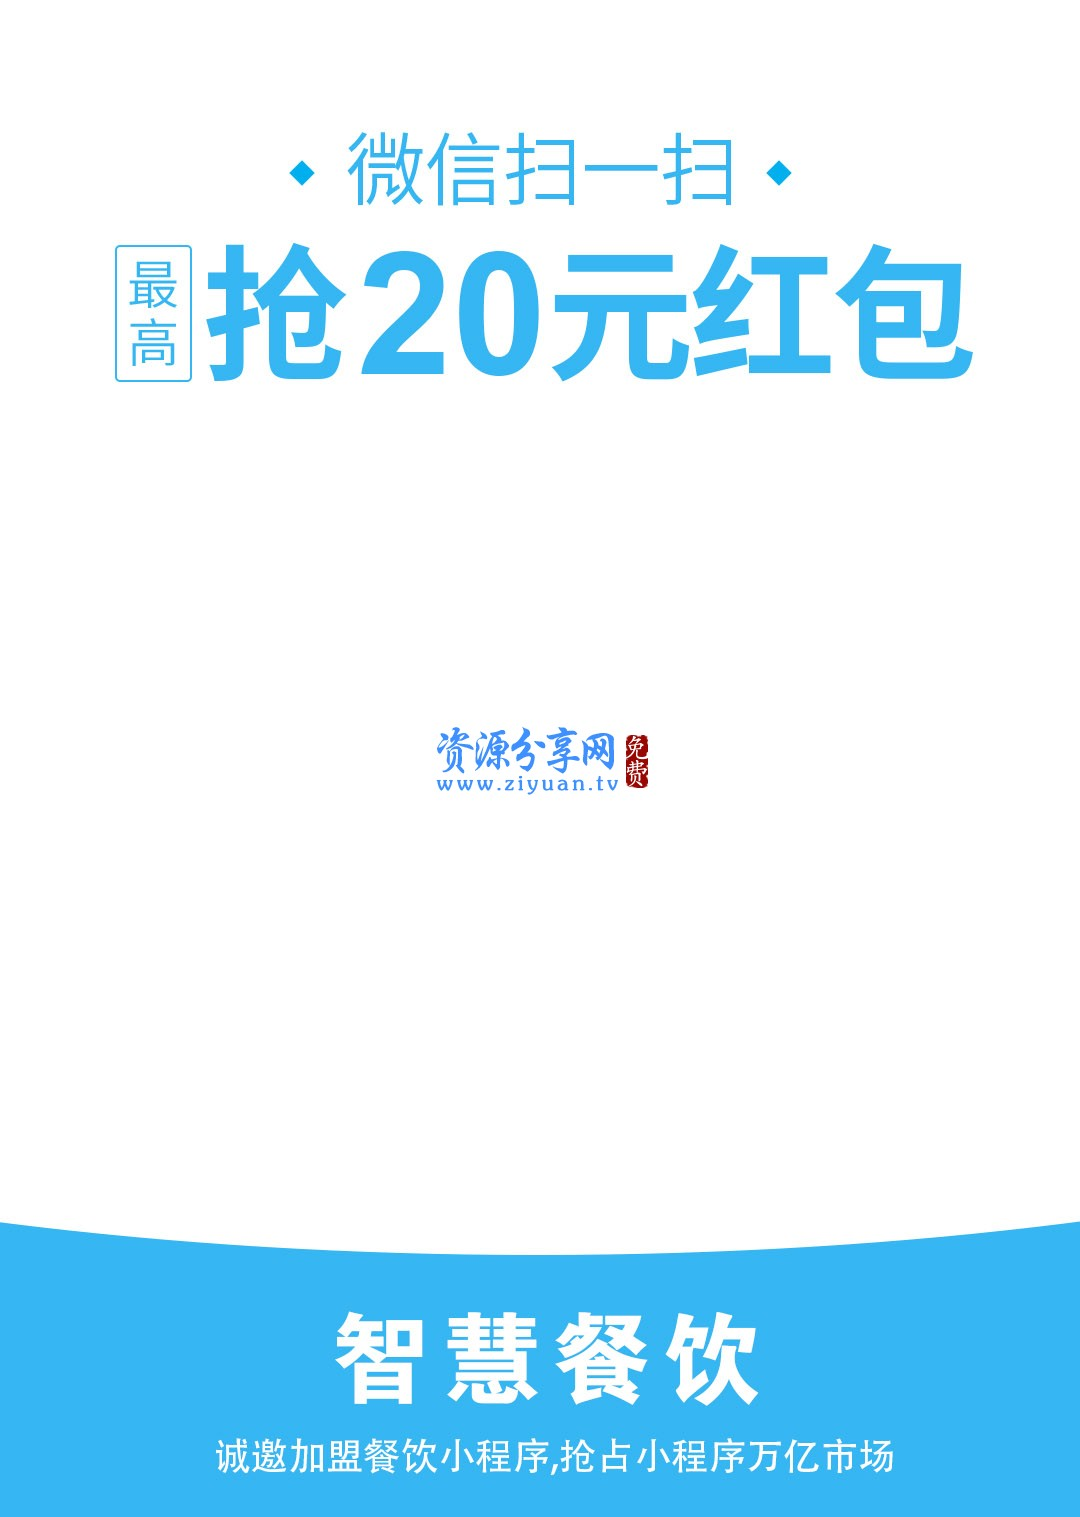 我买单联盟版小程序高级版 5.2.0